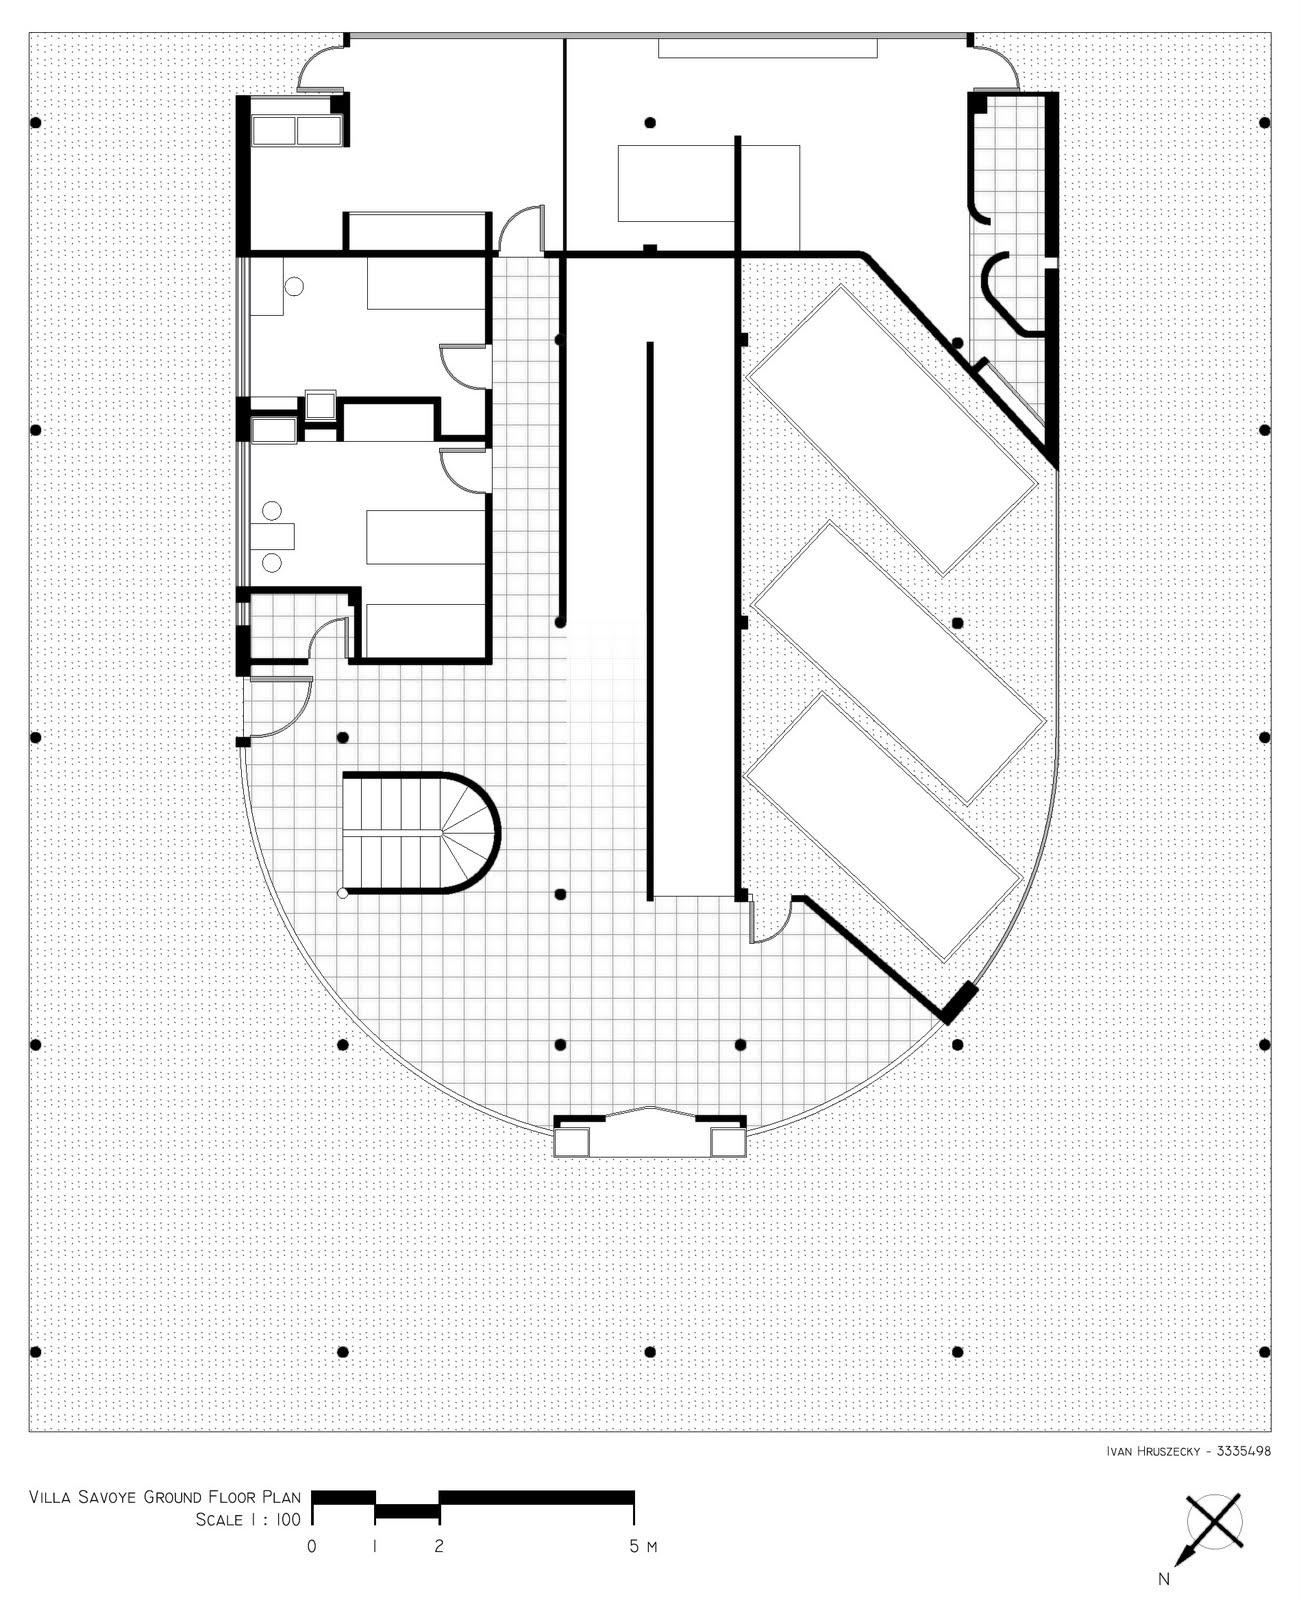 Villa Savoye Le Corbusier Floor Plan Villa Savoye Floor Pla...